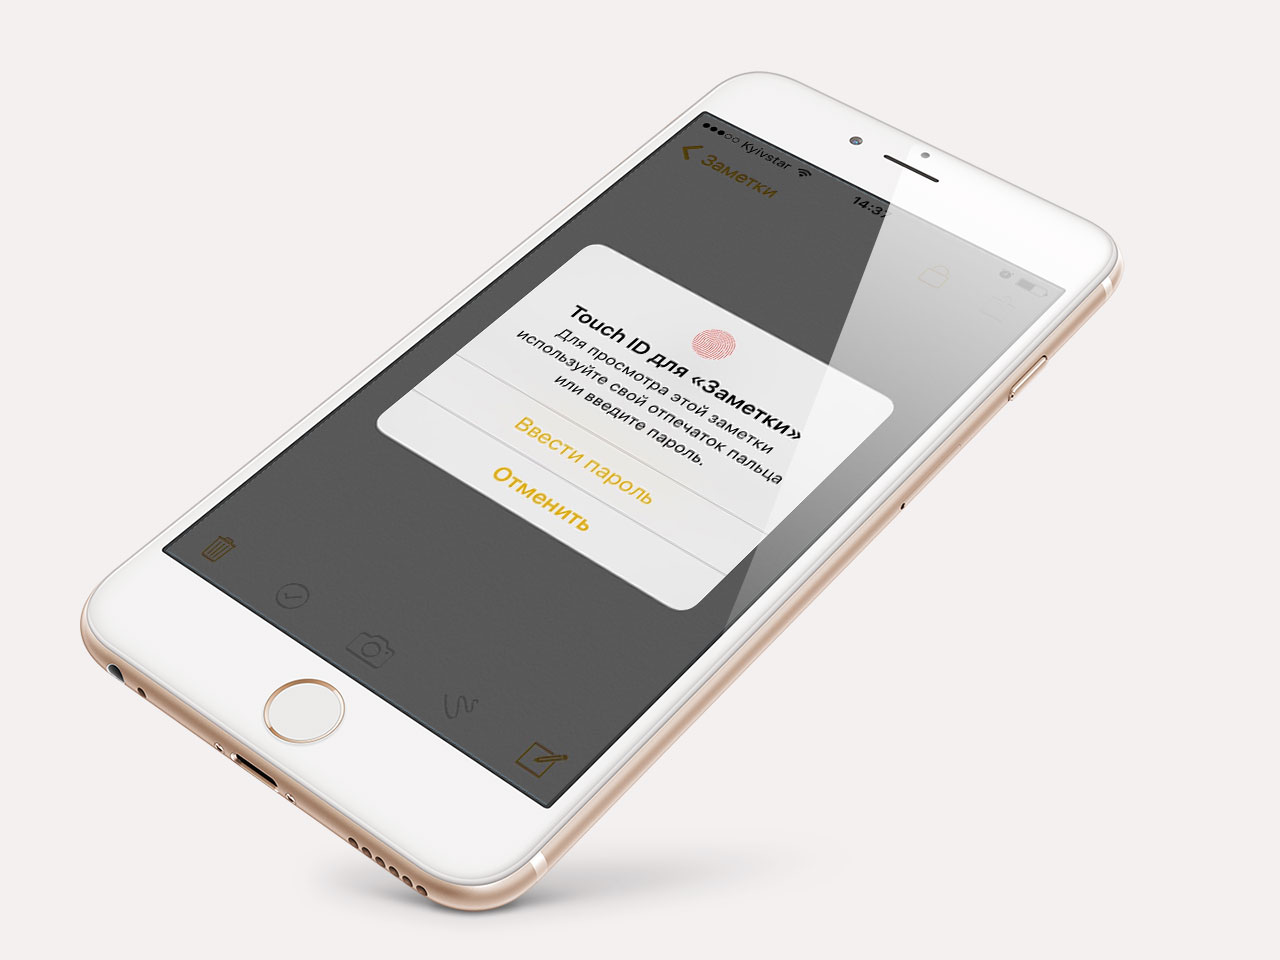 Как поставить пароль для Заметок на iPhone, iPad и Mac, разблокировать и заблокировать заметку, сбросить пароль и снять блокировку